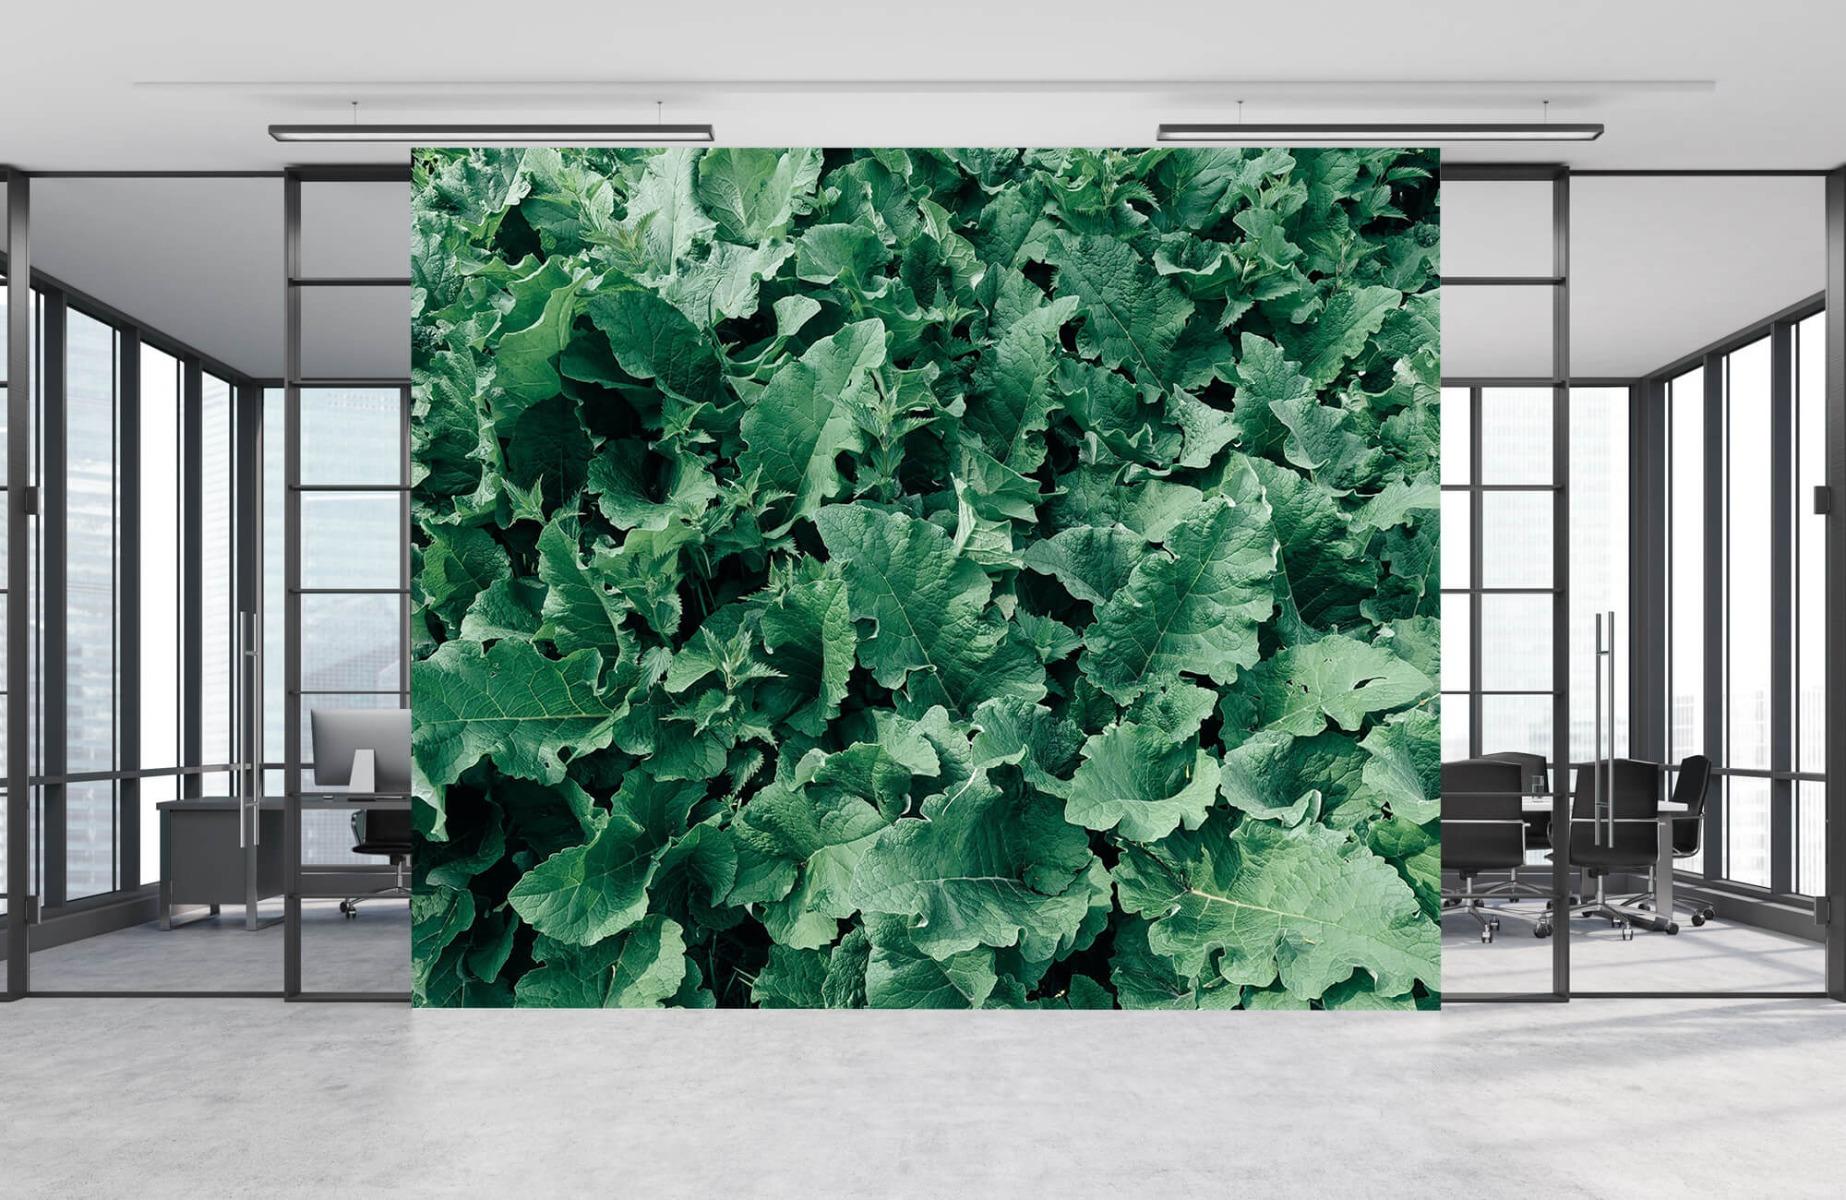 Bladeren - Gedetailleerd groen bladerdek - Wallexclusive - Slaapkamer 8